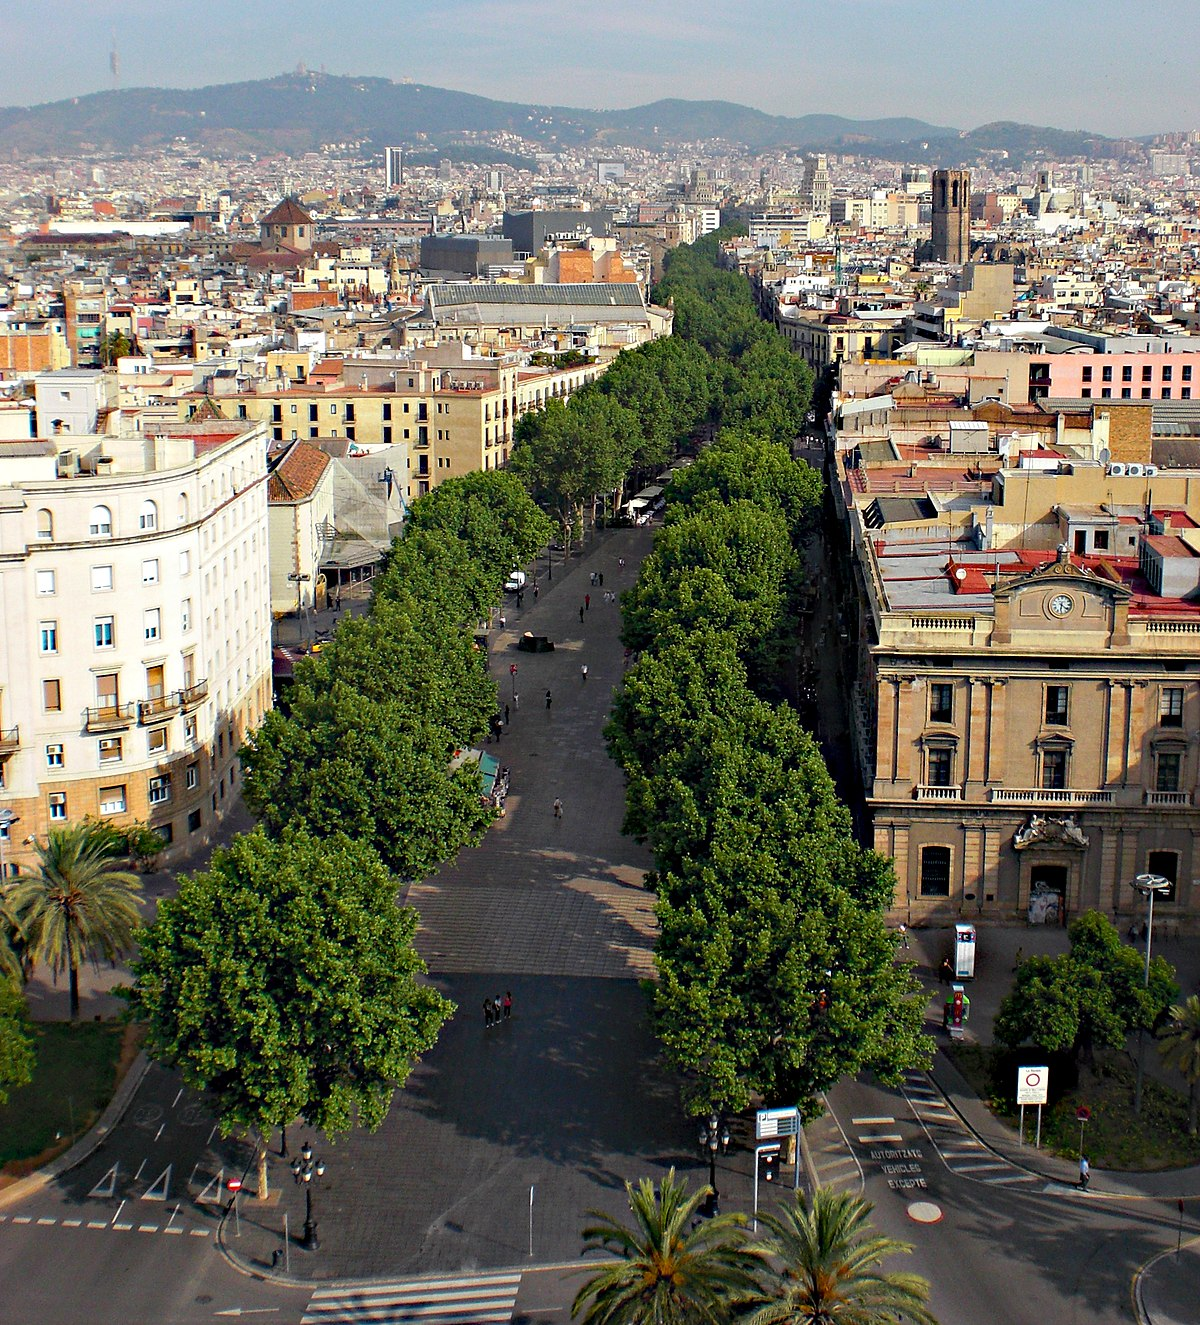 La rambla wikipedia - La botigueta barcelona ...